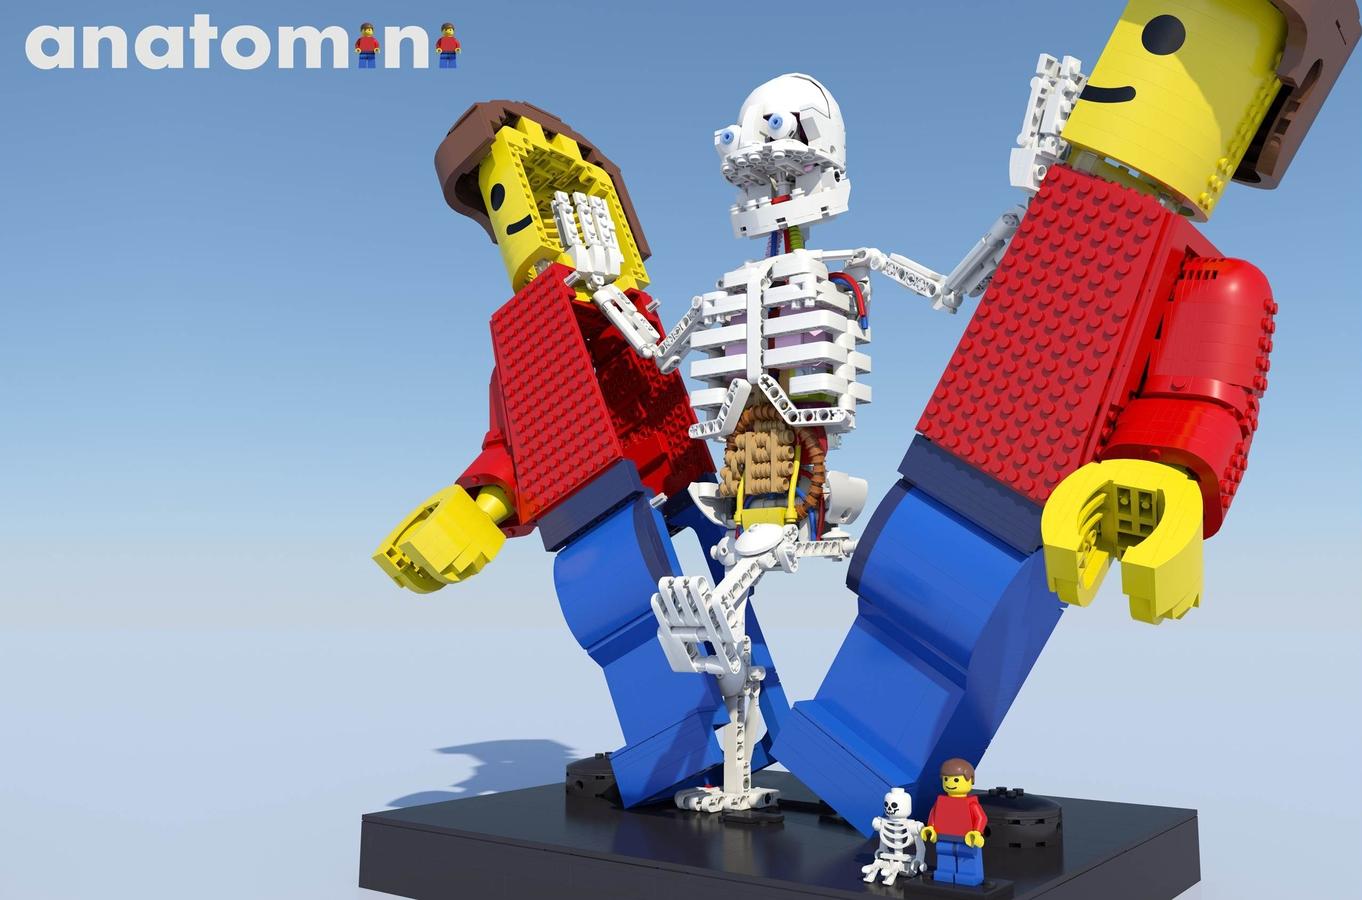 lego ideas product ideas anatomini